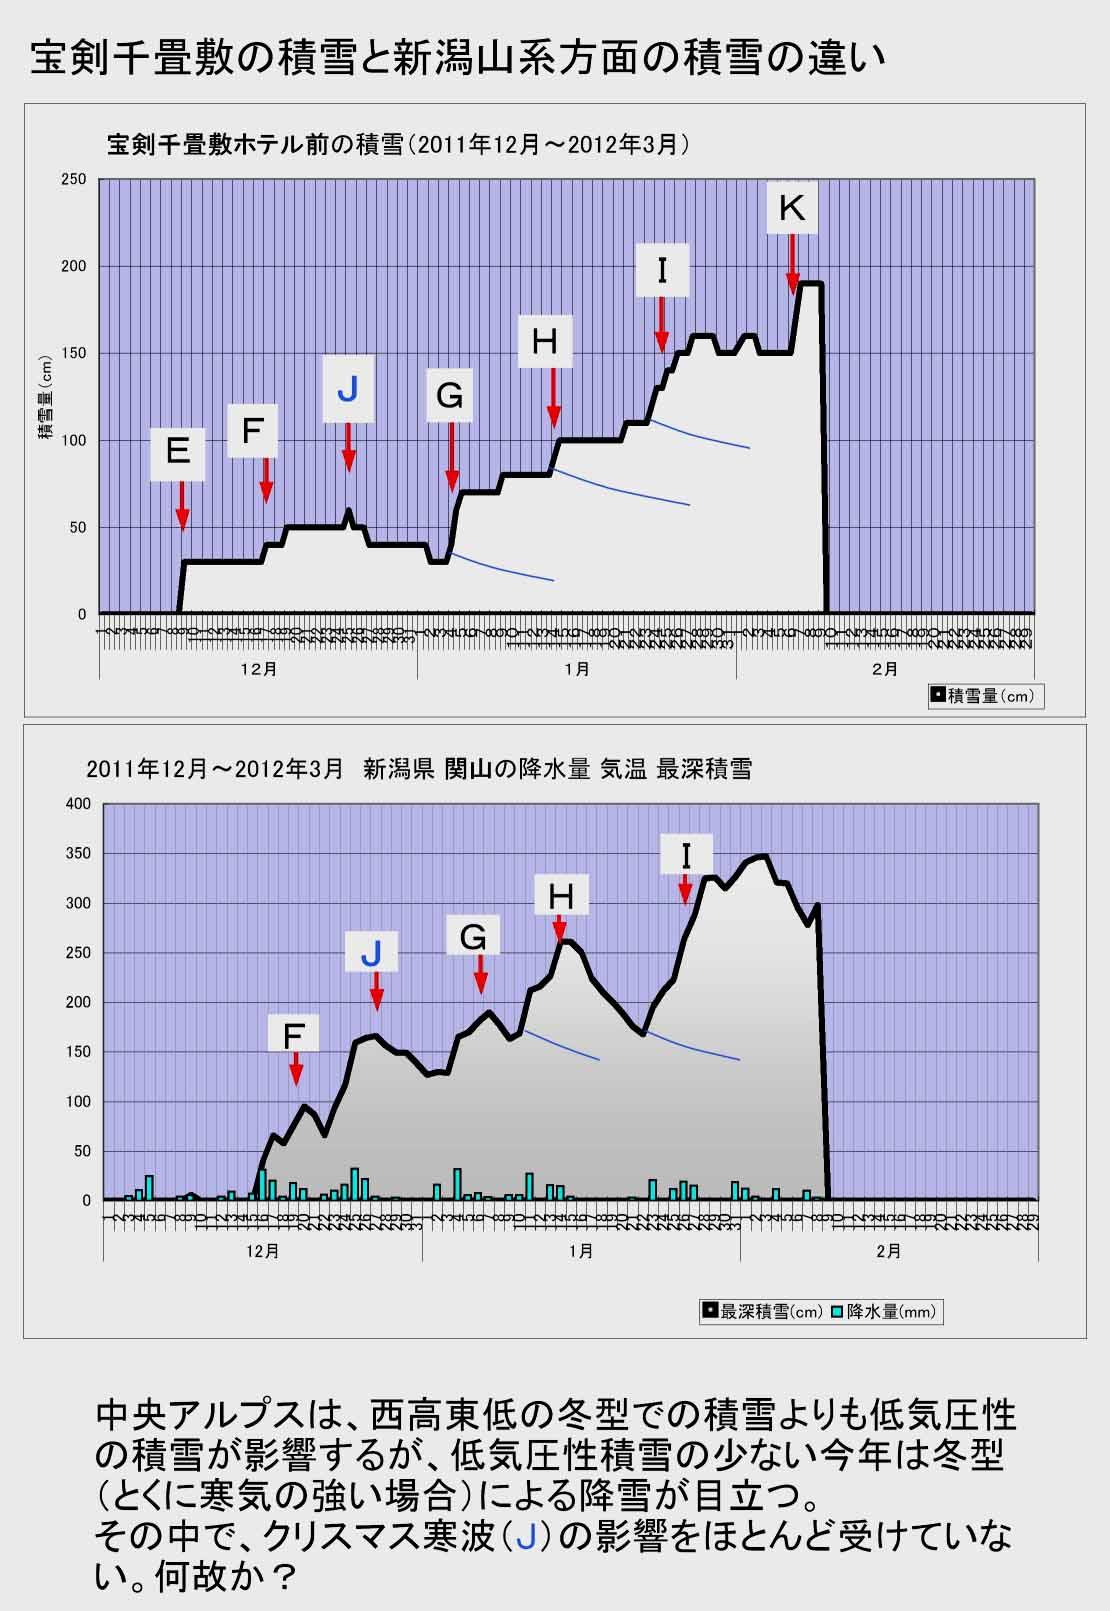 資料 2012年の冬(関山と宝剣)